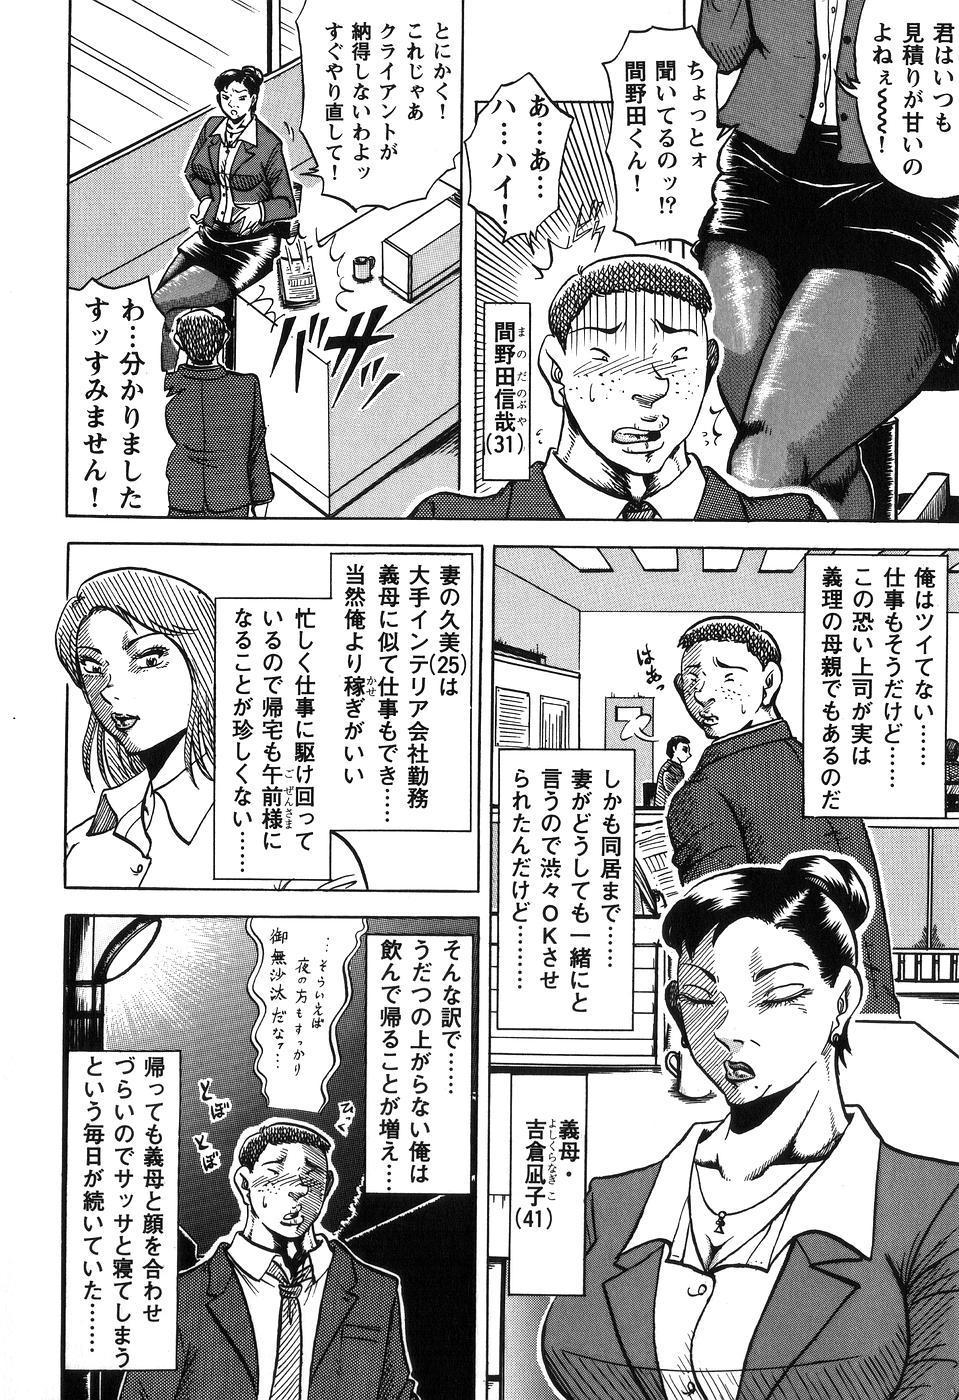 Jukubo Soukan Yosoji no Tawamure 87